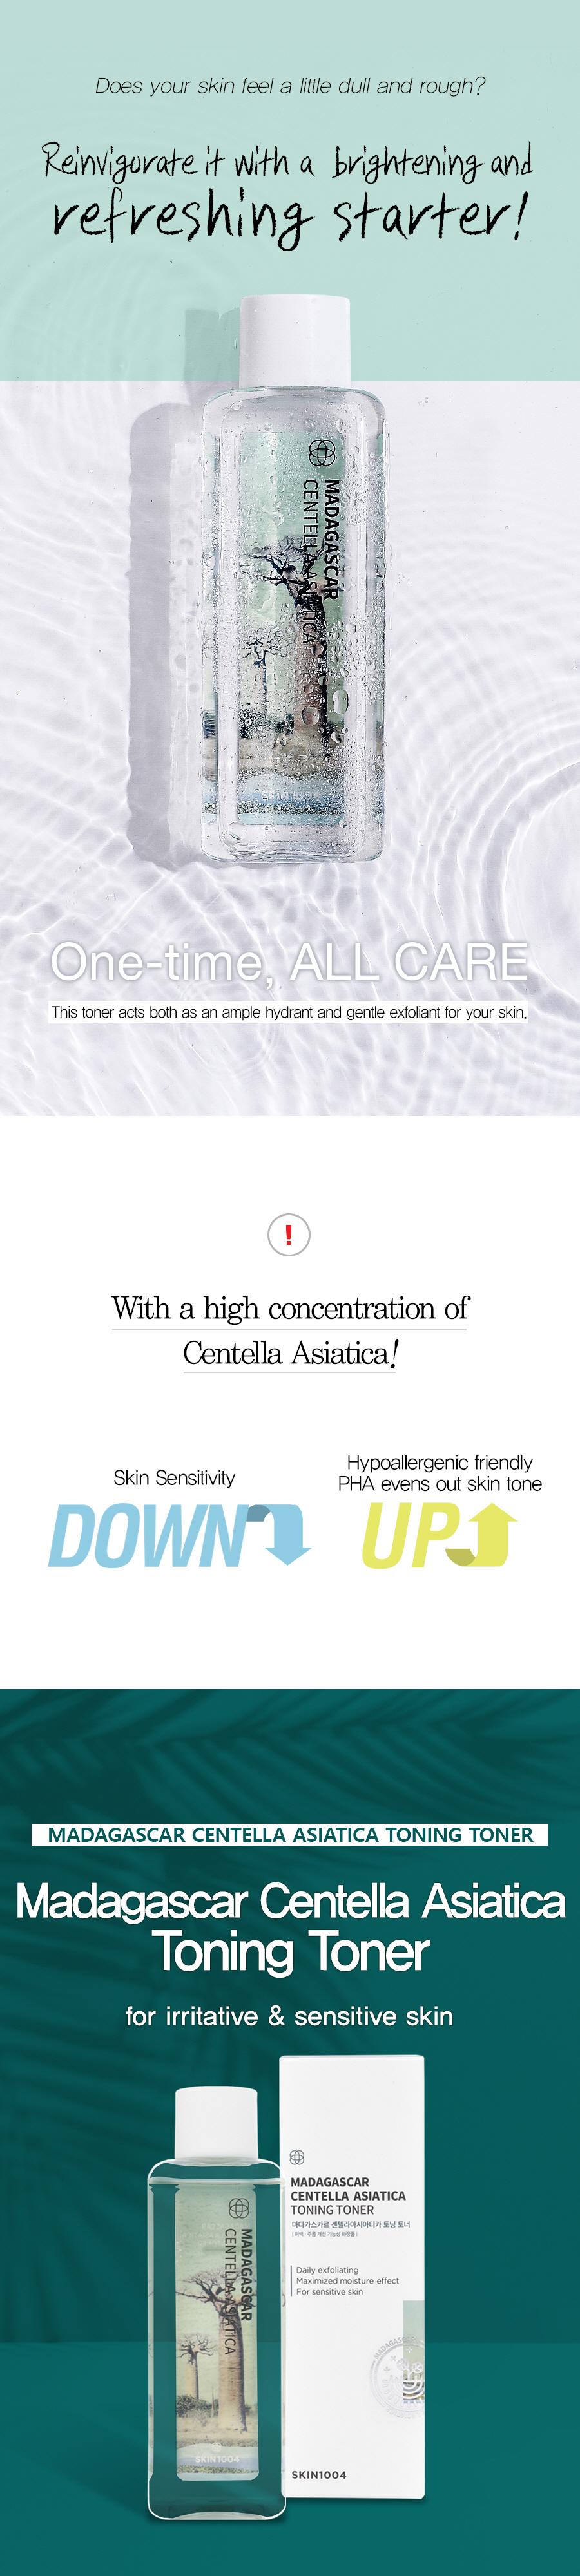 Madagascar Centella Asiatica Toning Toner